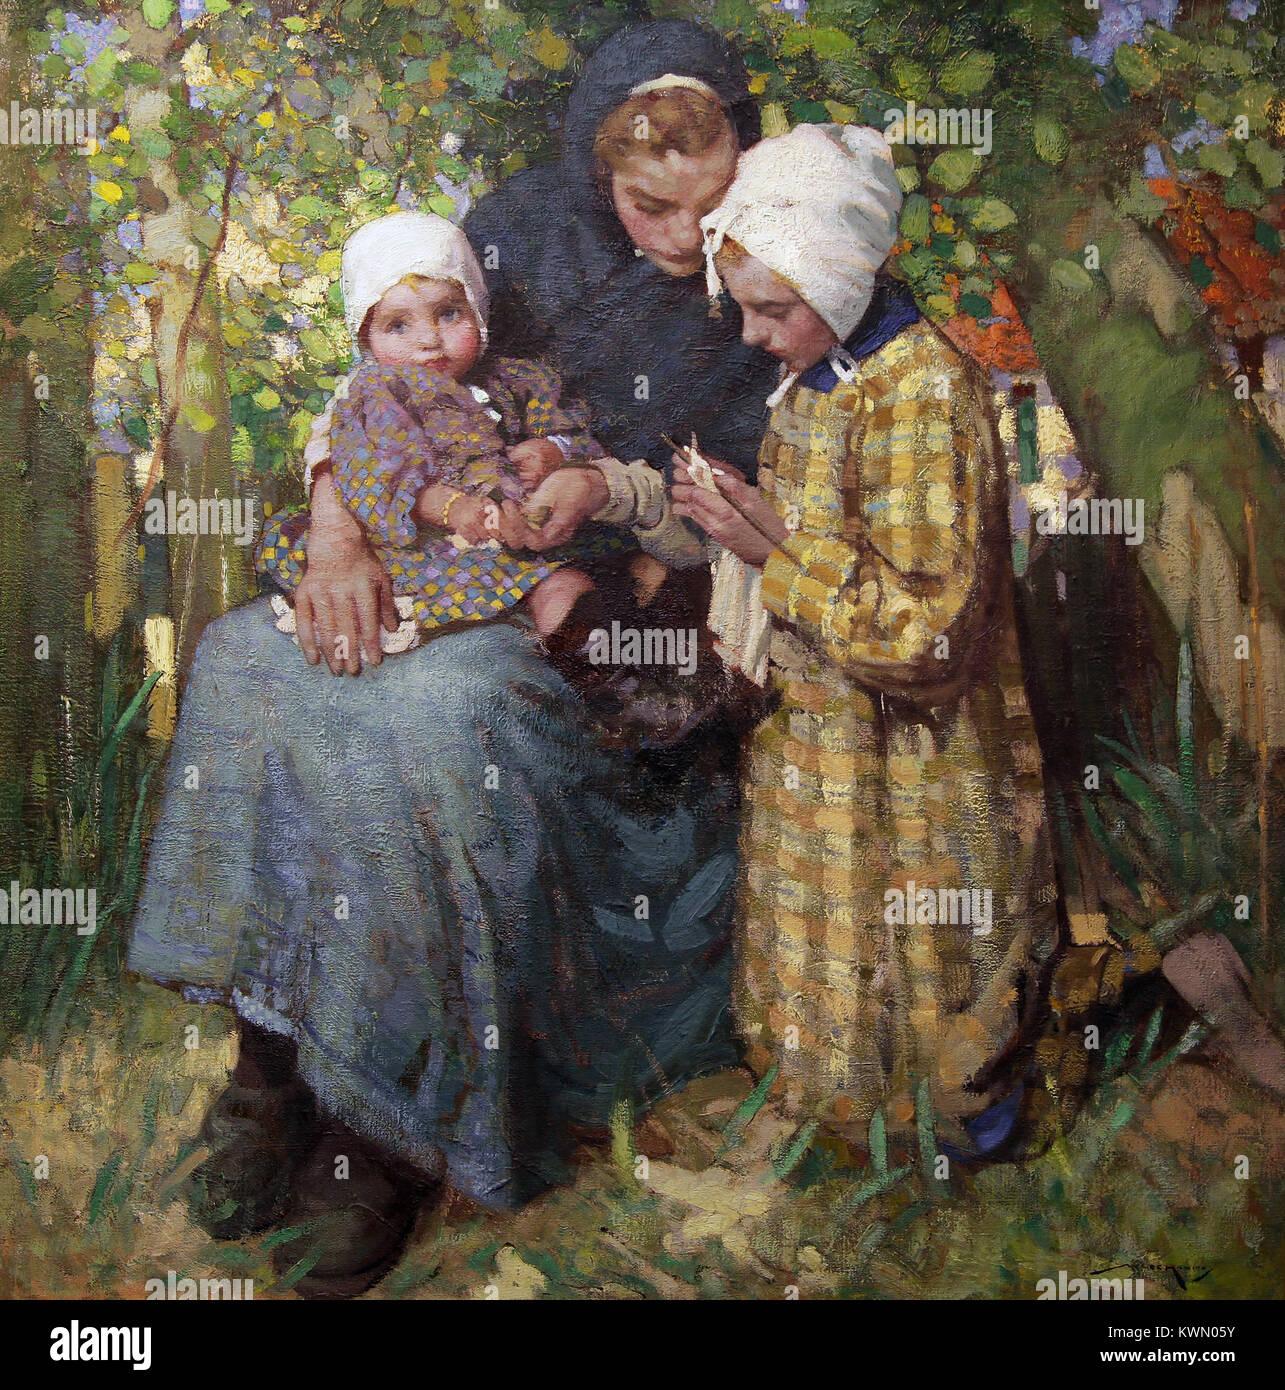 La leçon de tricot by William Lee Hankey (1869-1943) - Stock Image